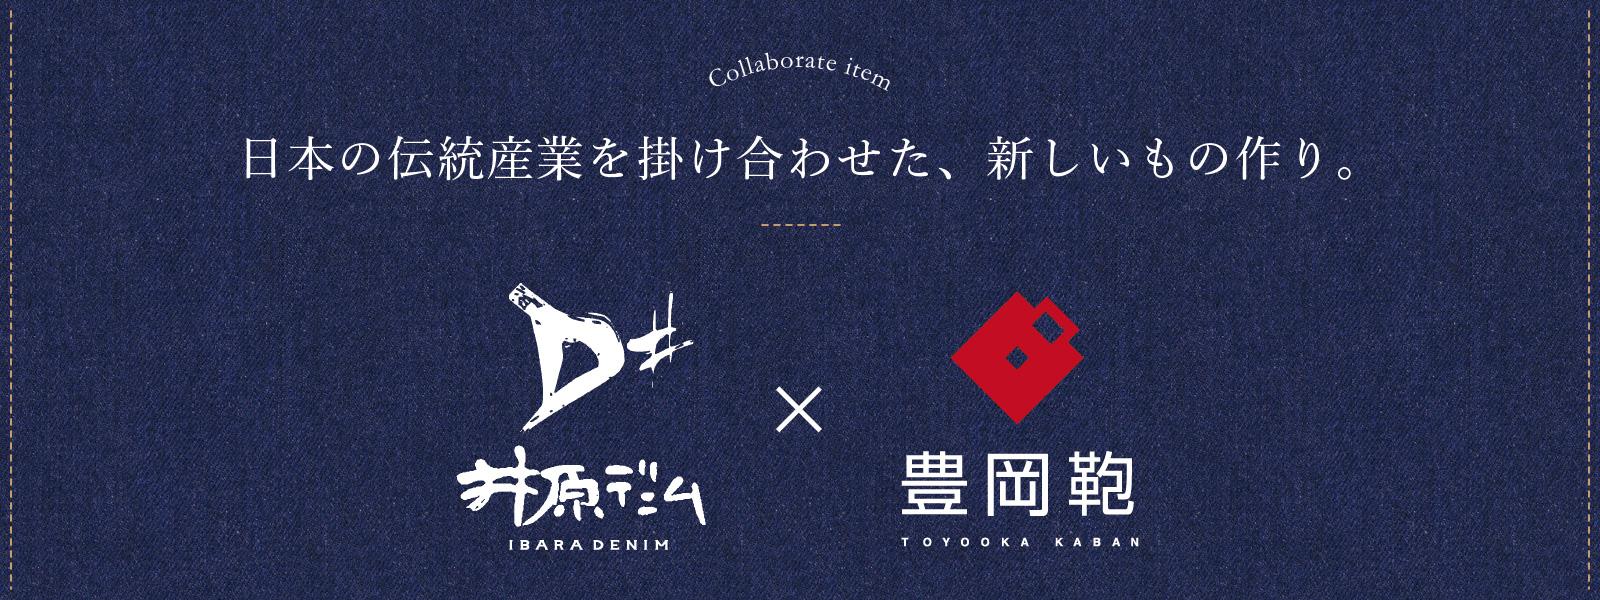 日本の伝統産業を掛け合わせた、新しいもの作り。 井原デニムと豊岡鞄